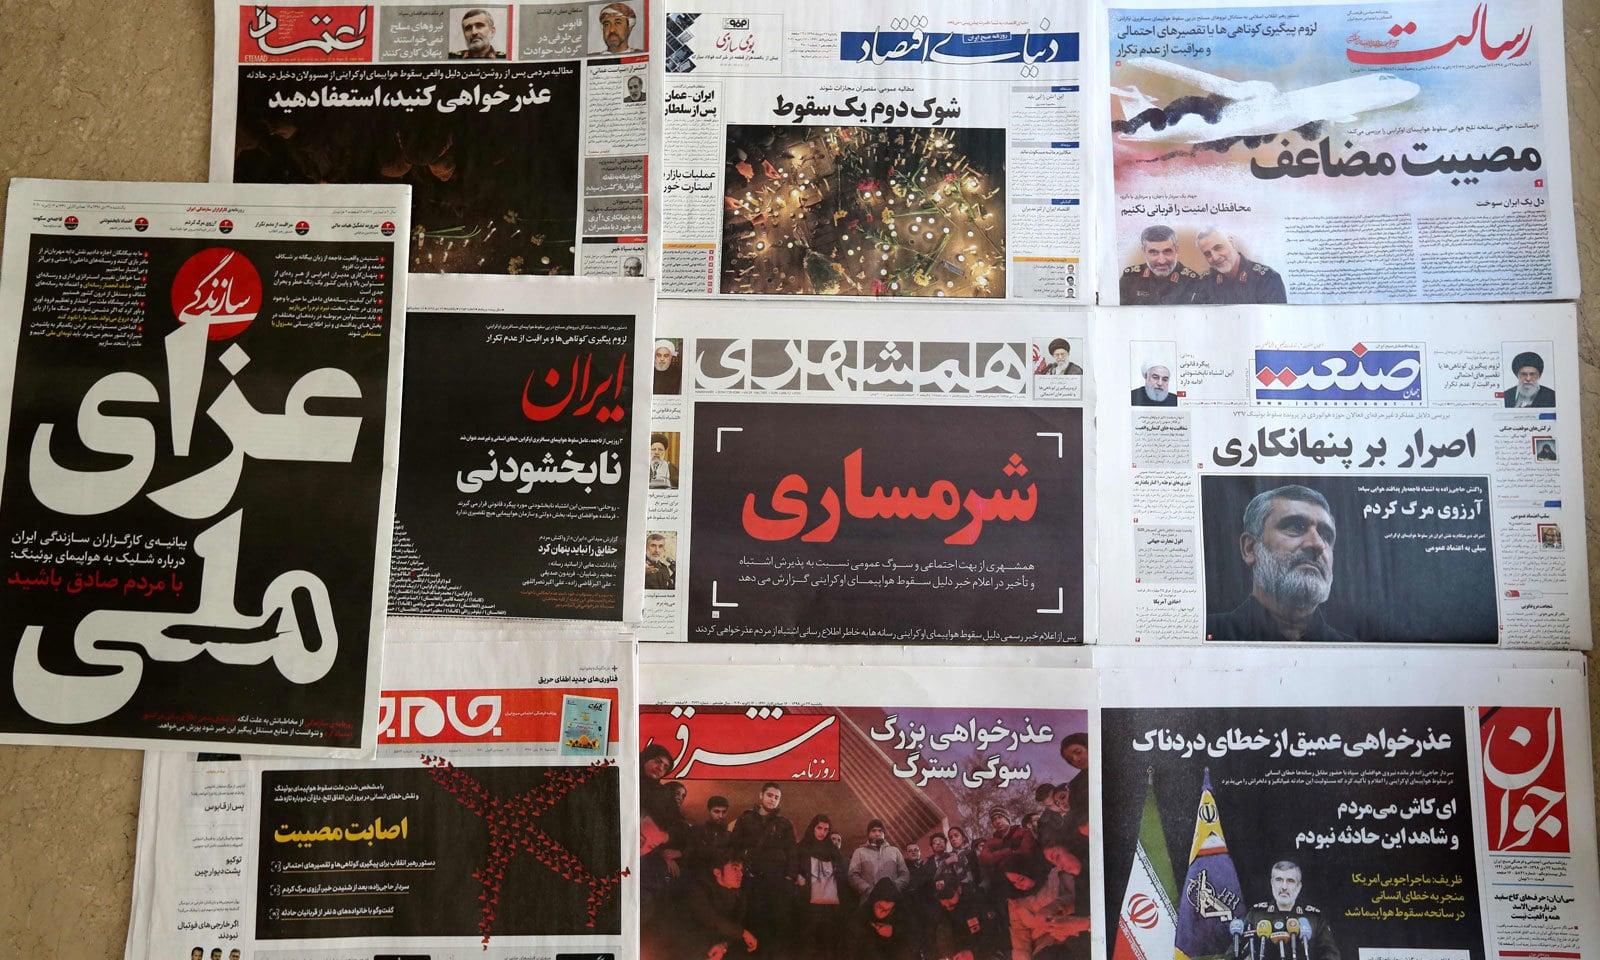 ایران کے اخبارات نے صفحہ اول پر سرخیاں لگاتے ہوئے حکومت پر تنقید کی اور حکومتی اقدام کو شرمناک قرار دیا— فوٹو: اے ایف پی